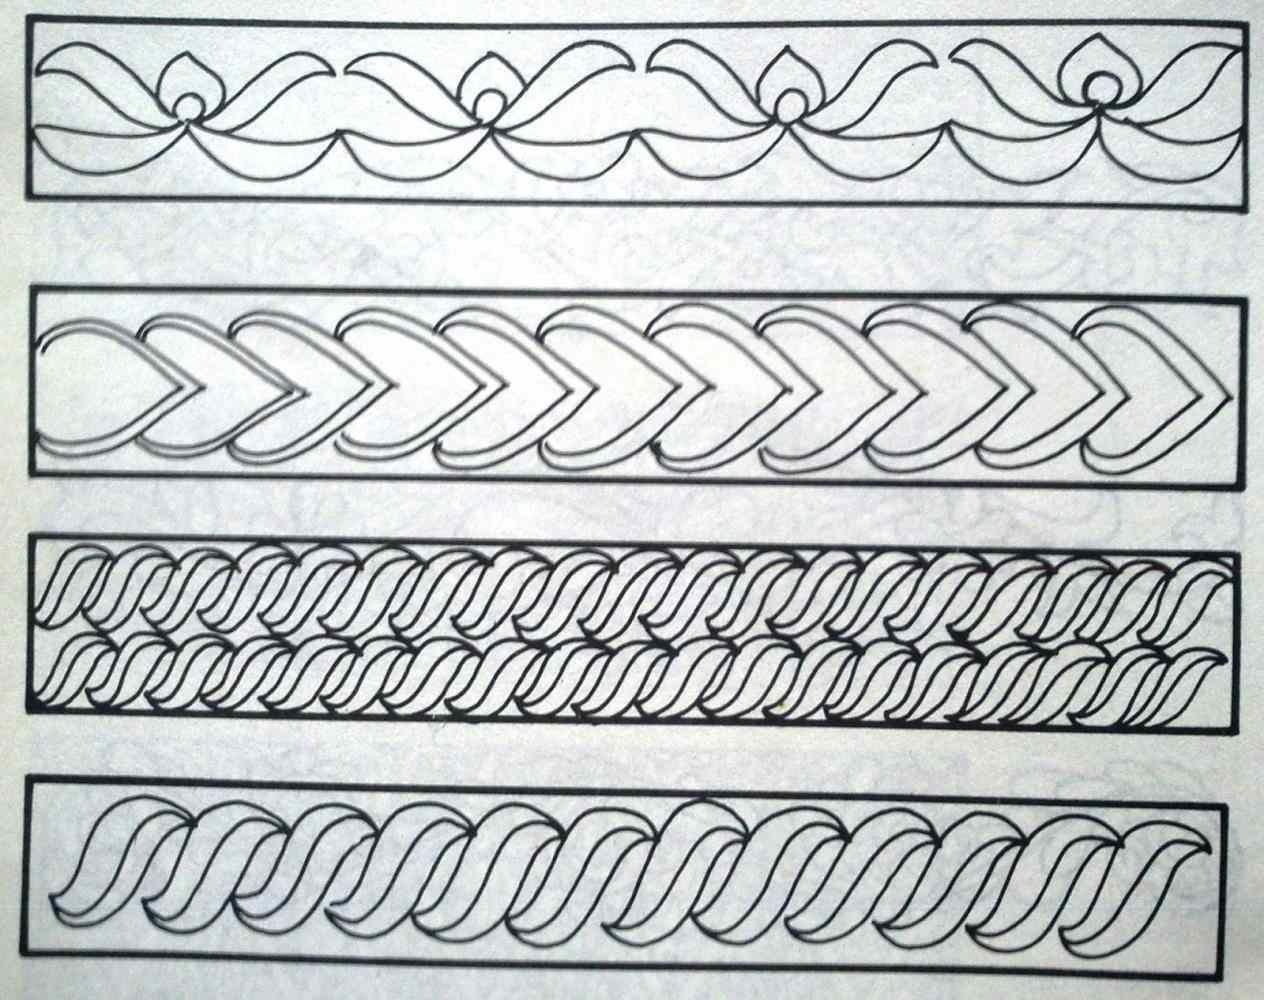 Gambar Batik Motif Hewan Yang Mudah Digambar - Batik Indonesia